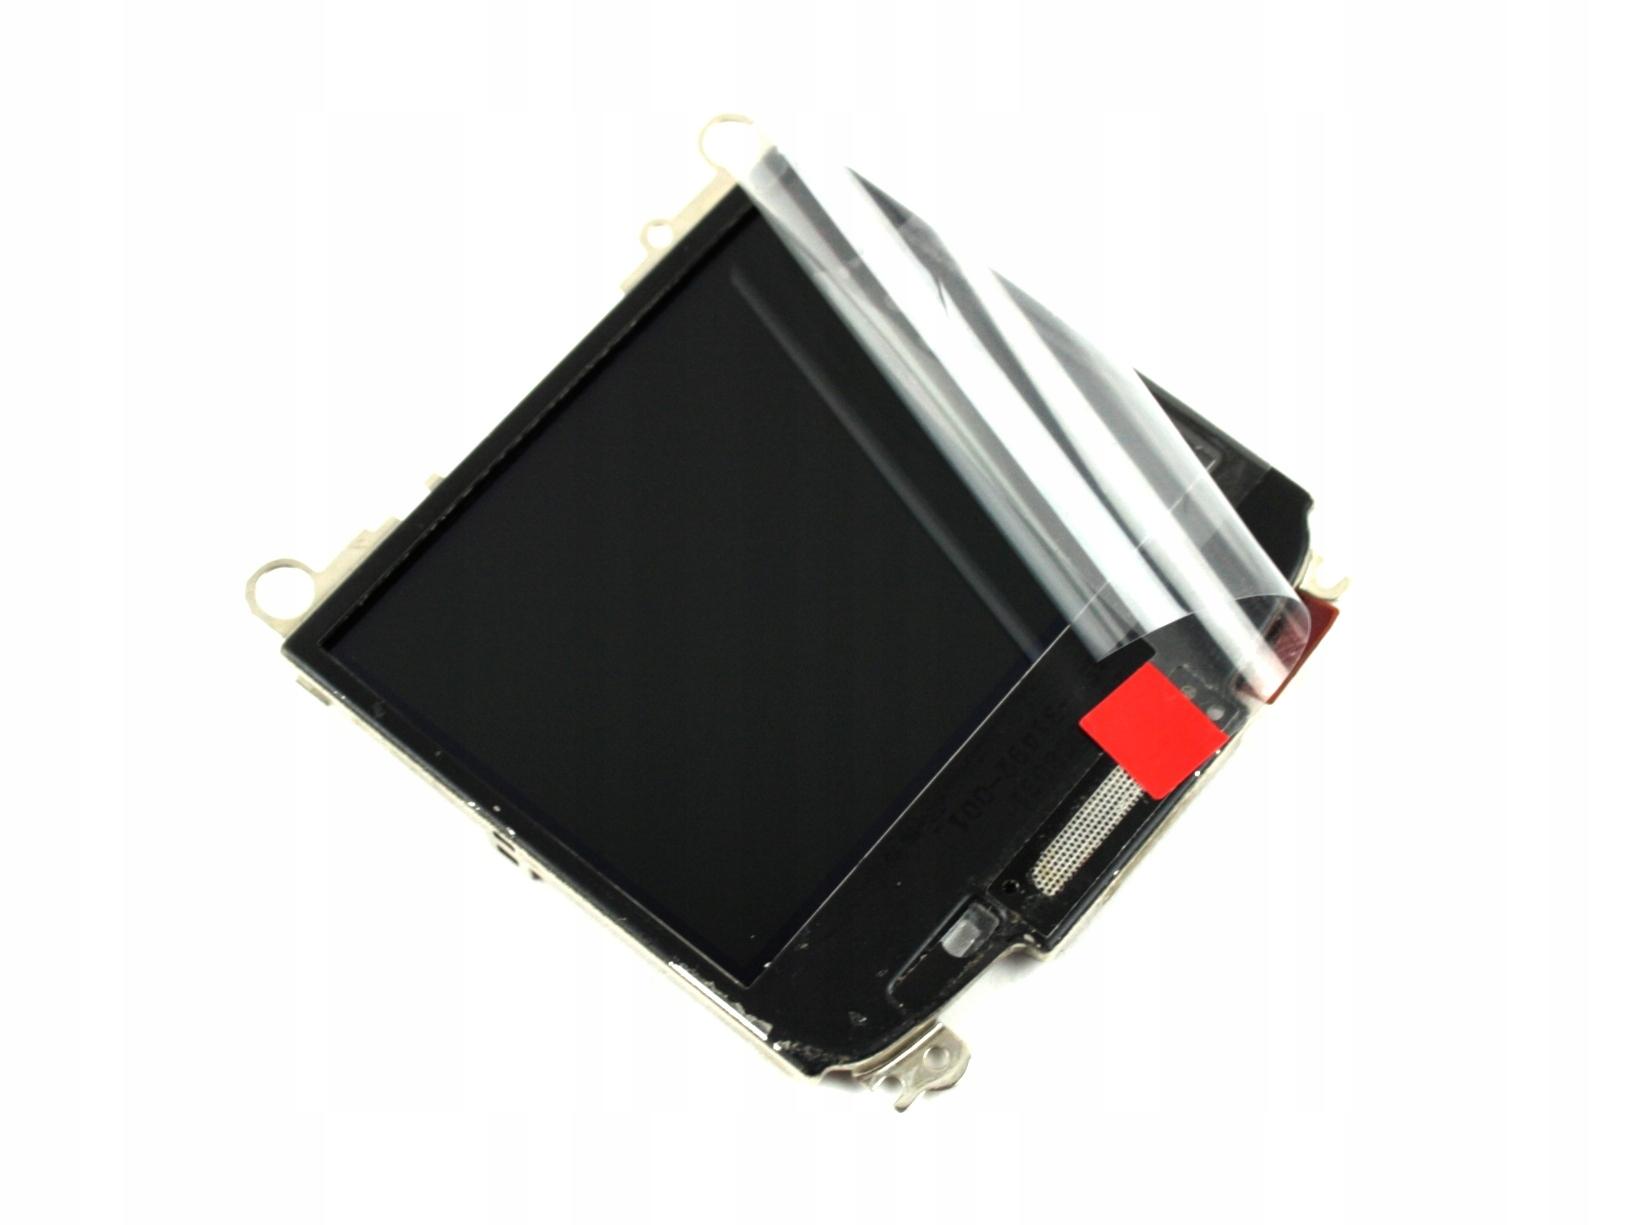 ORYG WYŚWIETLACZ LCD EKRAN BLACKBERRY 8520 CURVE